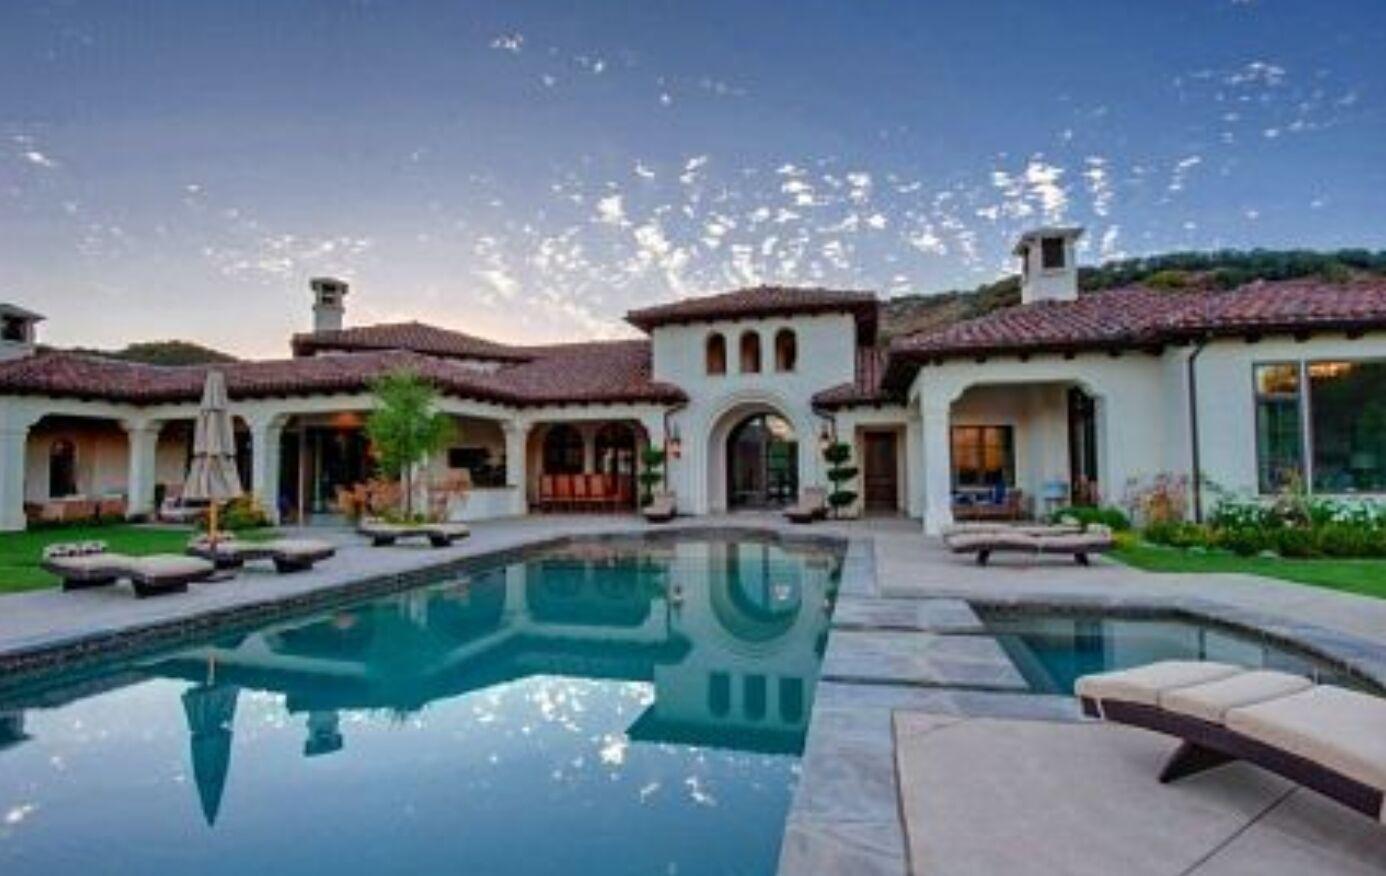 Этот особняк можно найти в юго-западной части долины Сан-Фернандо